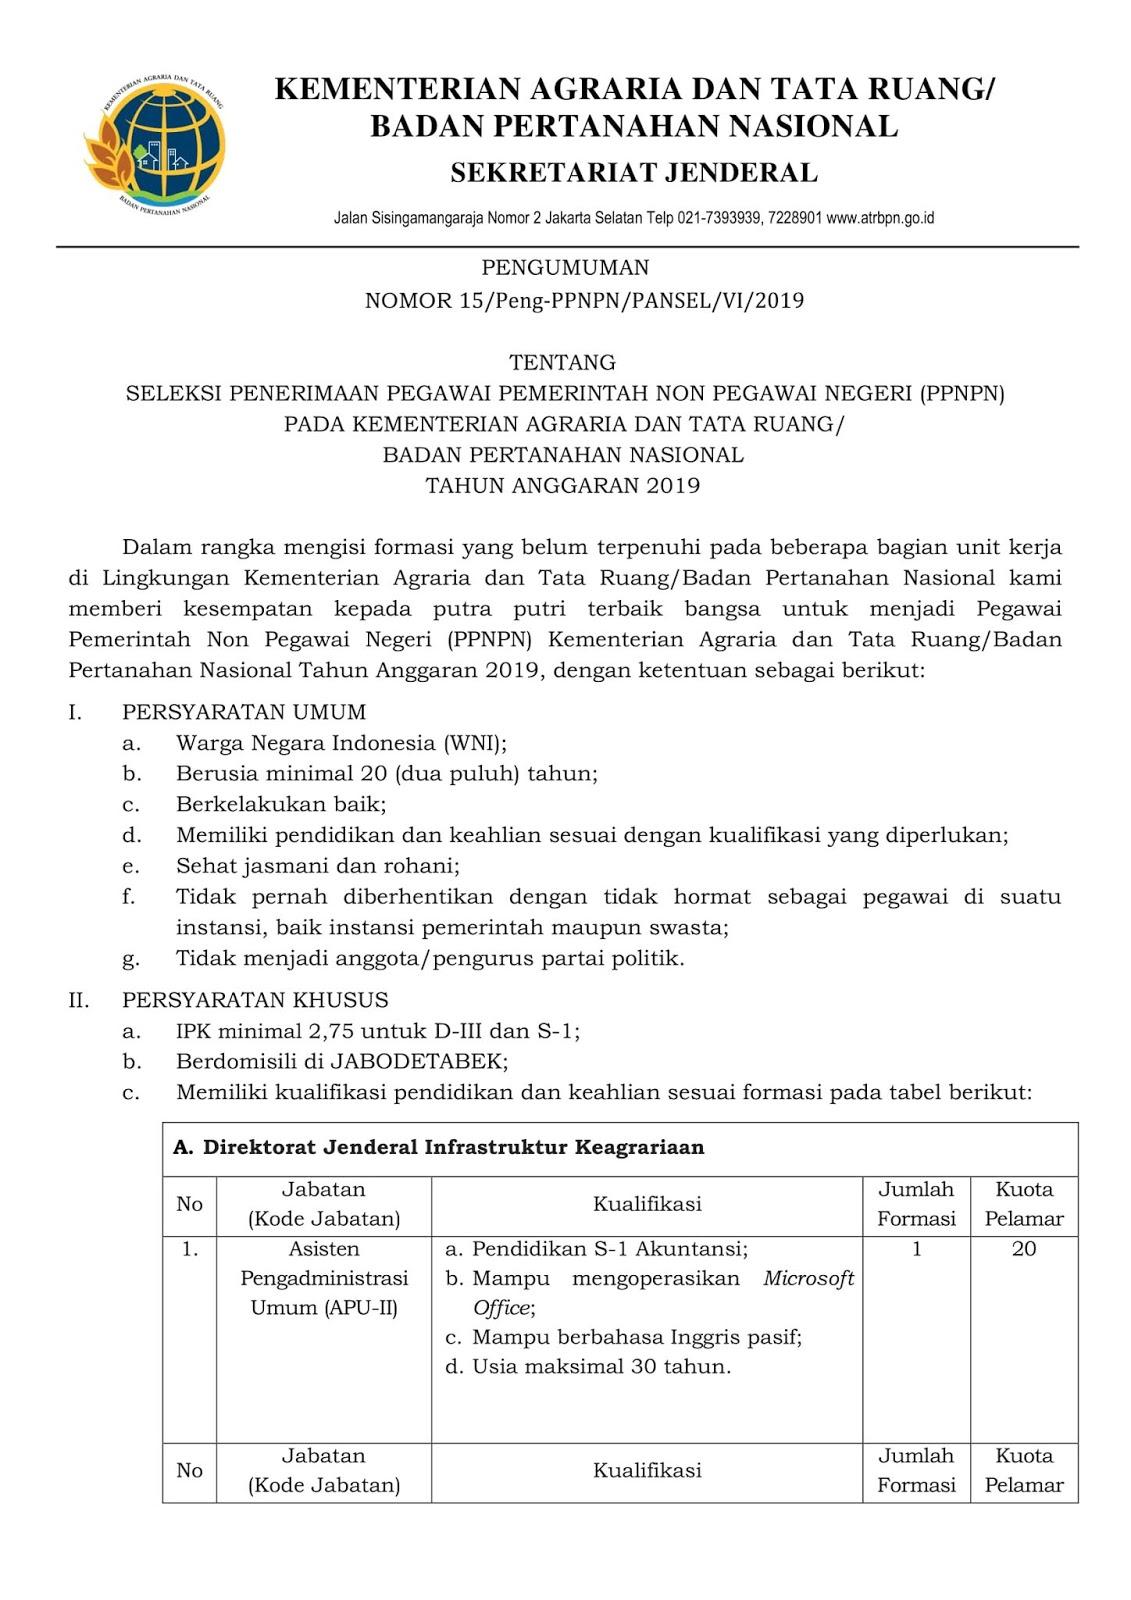 Rekrutmen Non Pegawai PPNPN Kementerian Agraria dan Tata Ruang Minimal SMA D3 S1 Tahun Anggaran 2019